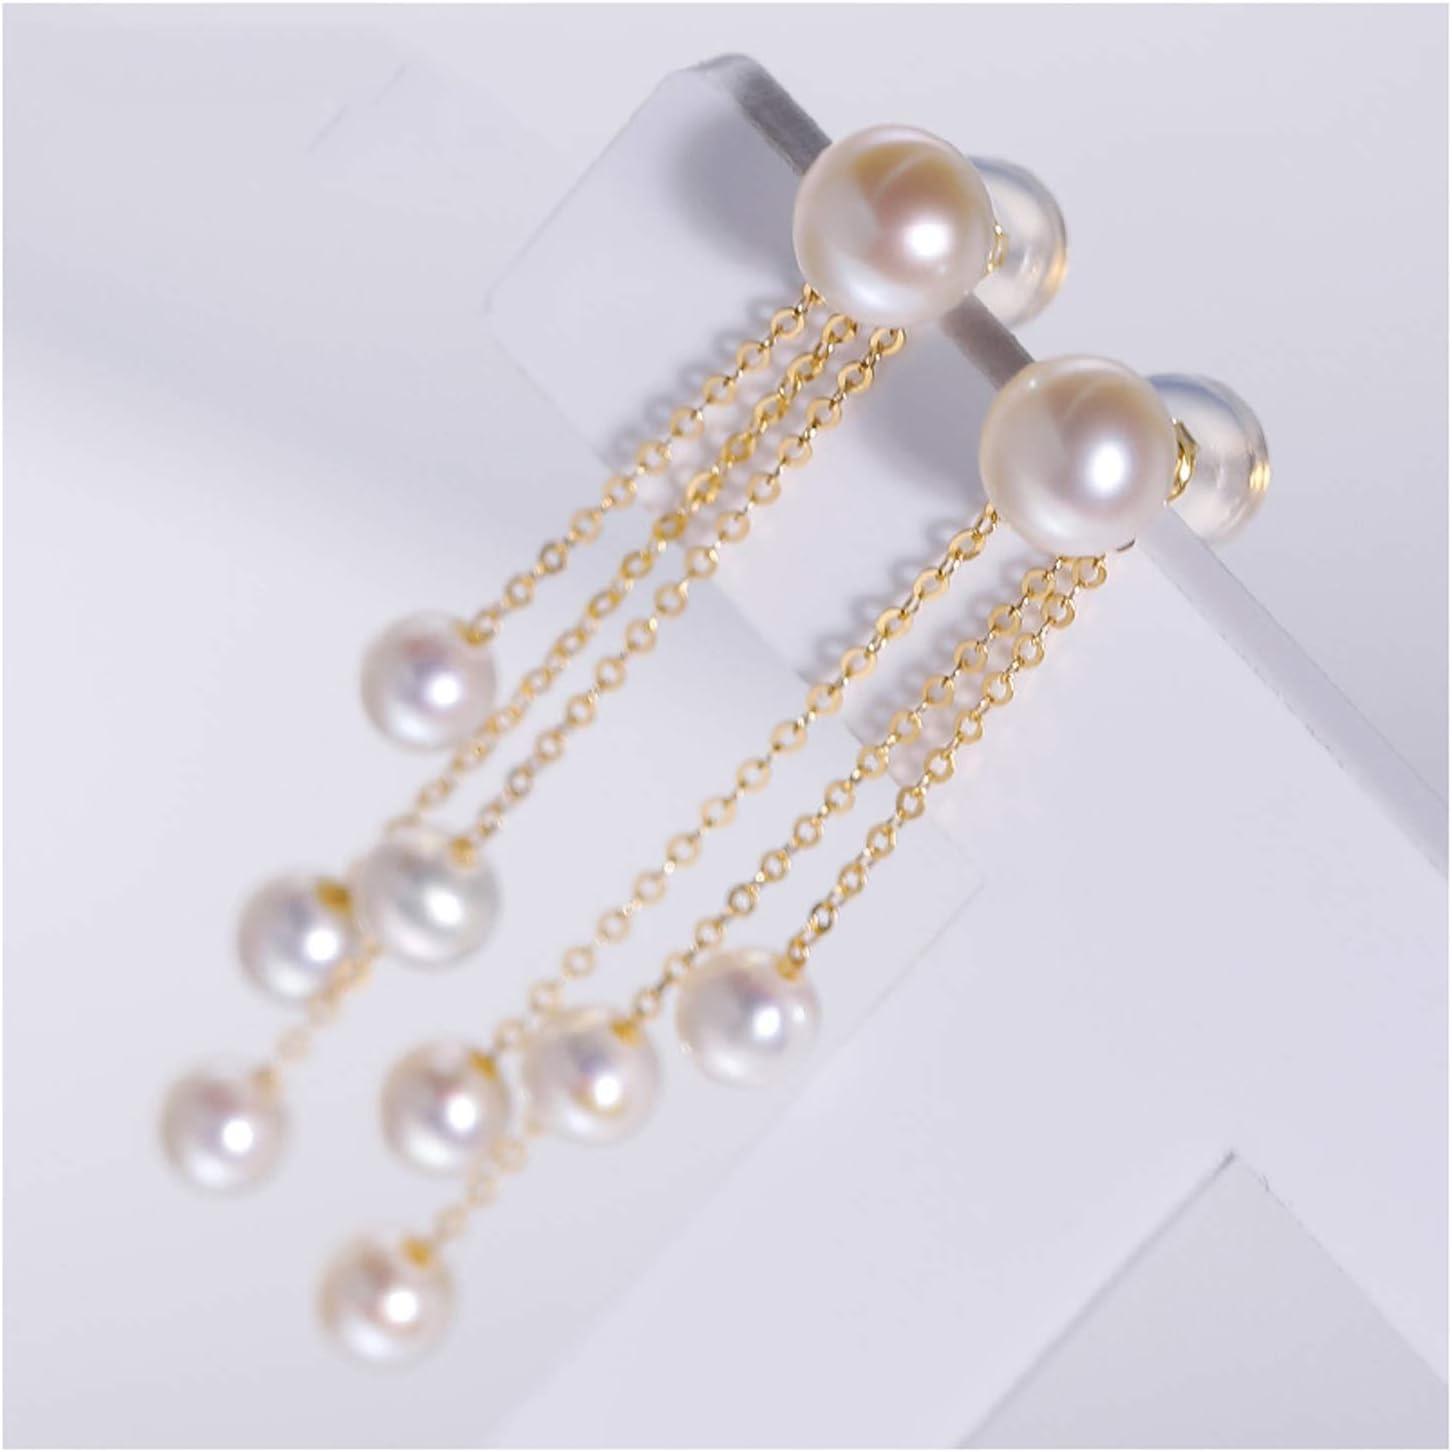 WENMENG2021 Jewelry Bright Freshwater Pearl Earrings Female 18K Gold Tassel Ear Line Gift Tassel Ear Line Fashion Diamond Earrings (Color : A)